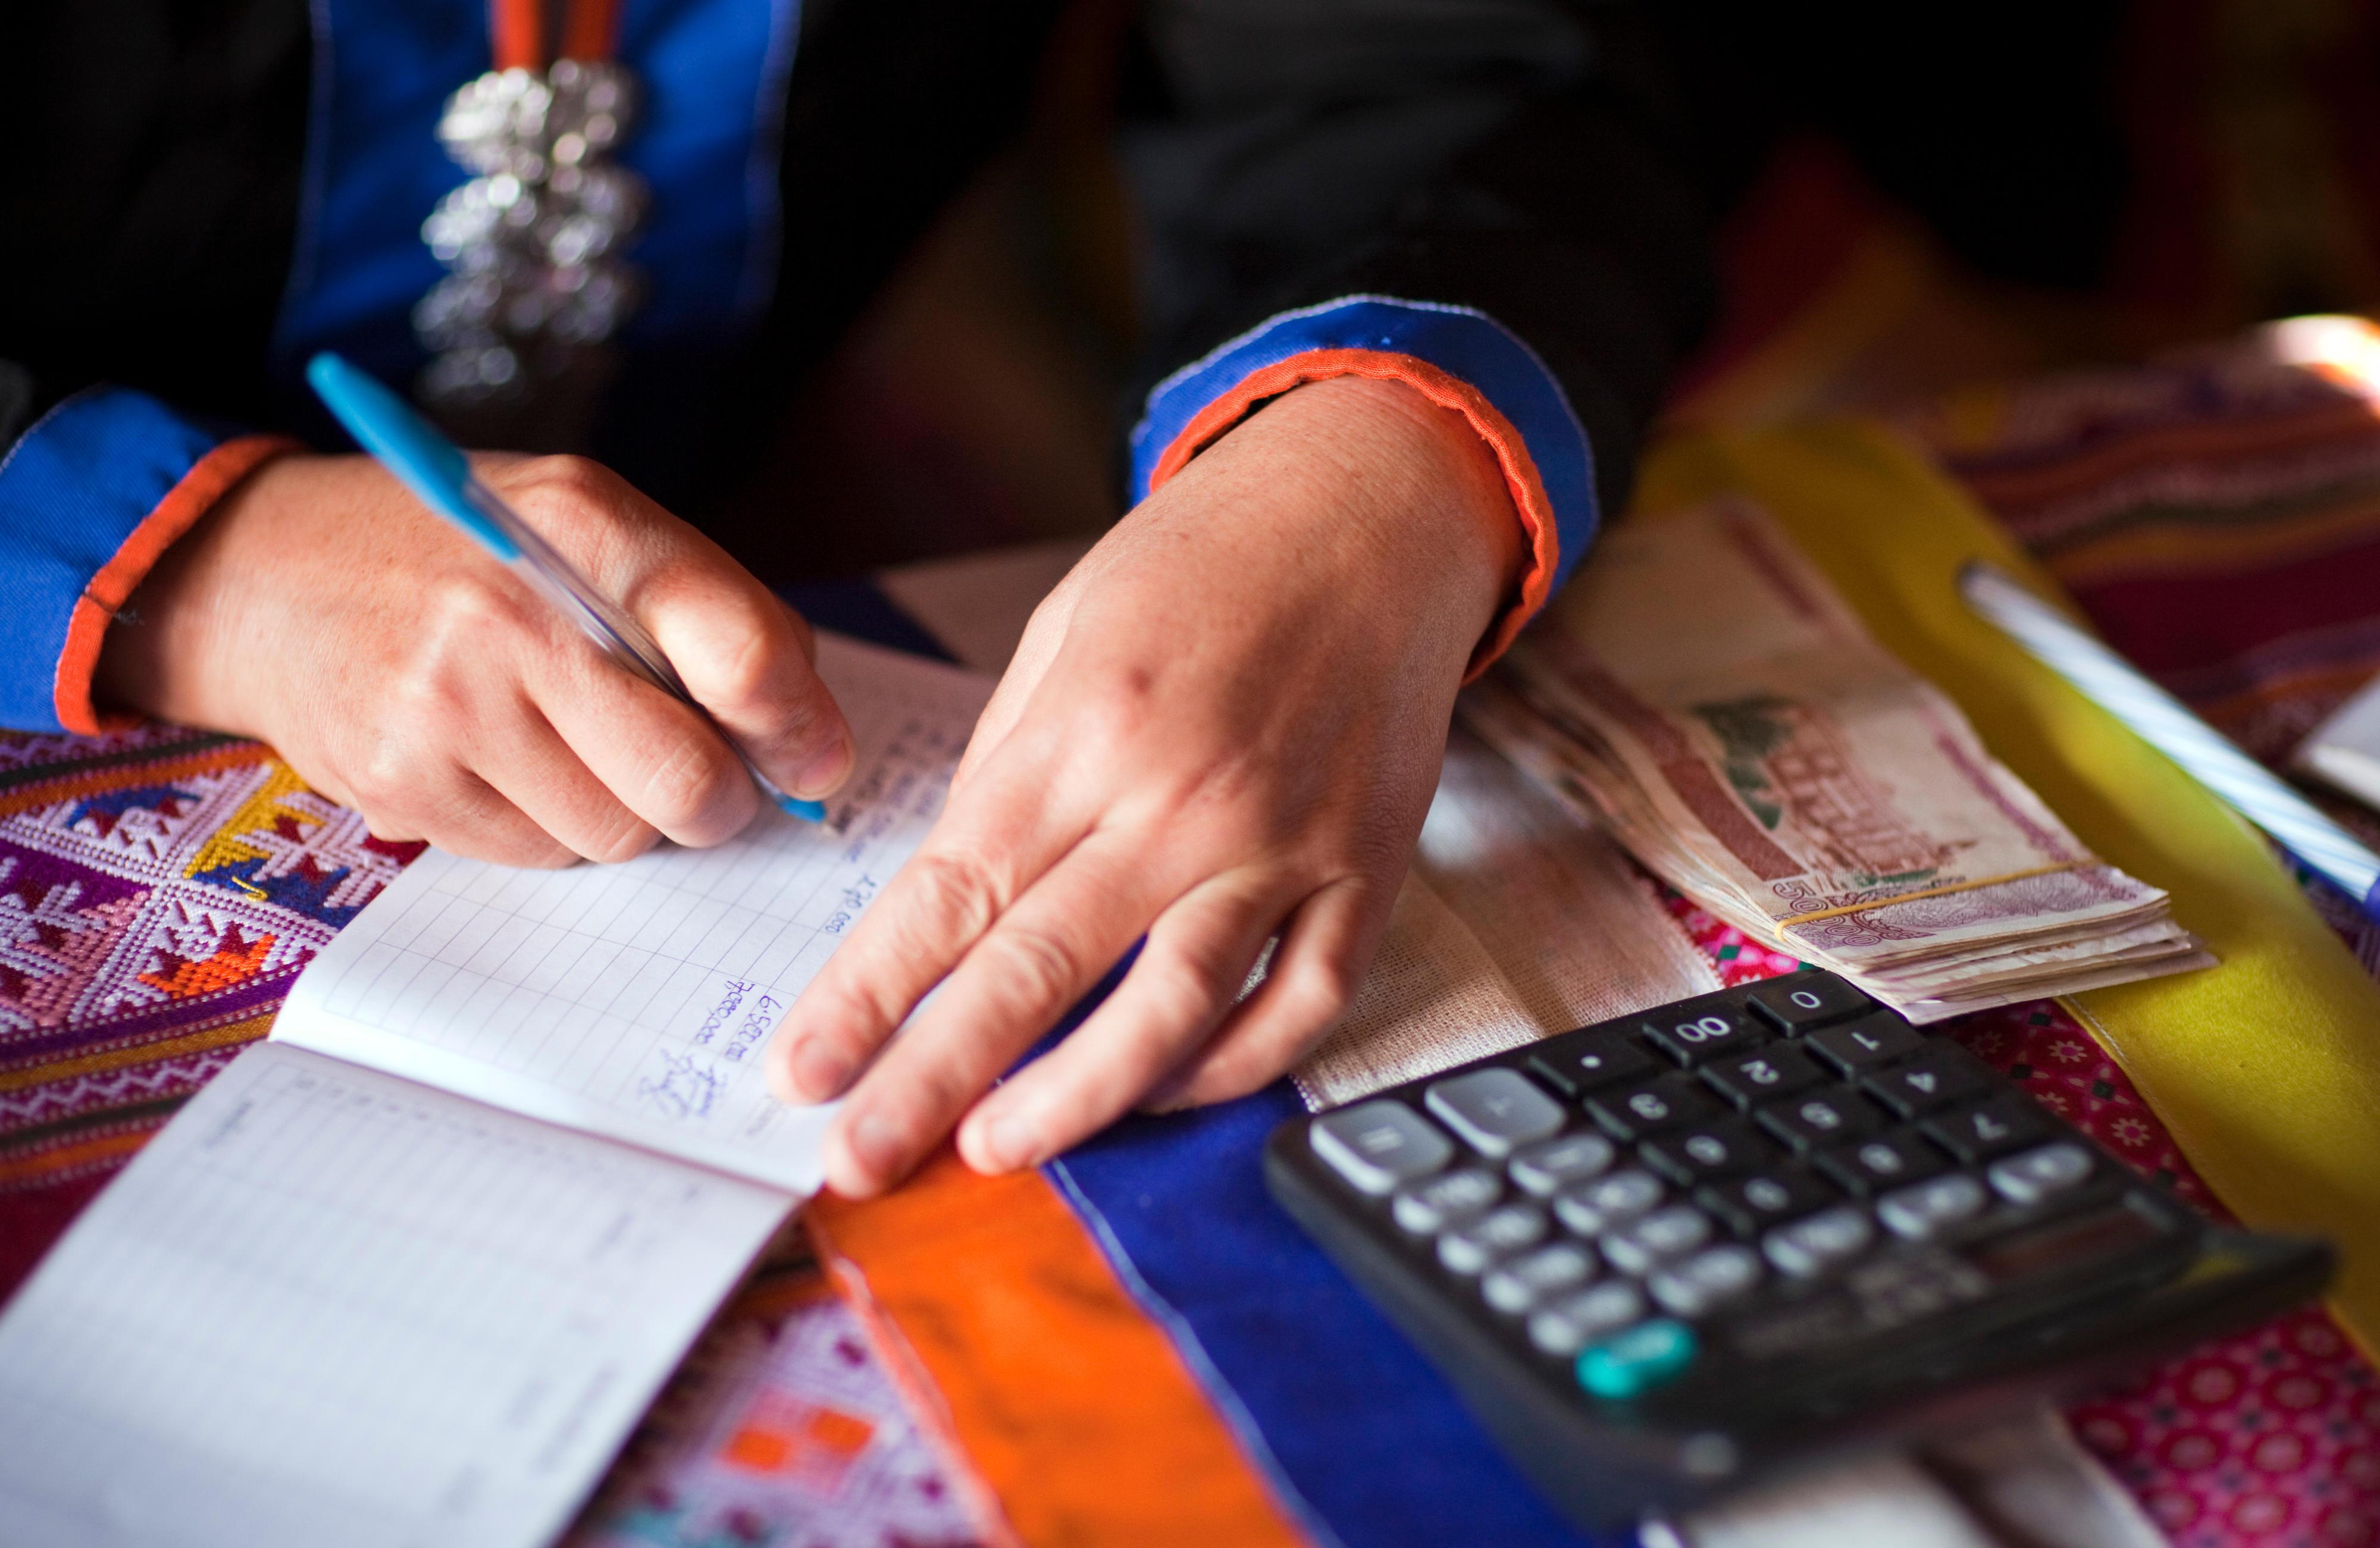 Am monatlichen Banktag zahlen Mikrofinanzkunden Geld beim Dorfbankenkomitee der Dorfbank in Pung, Laos, ein.